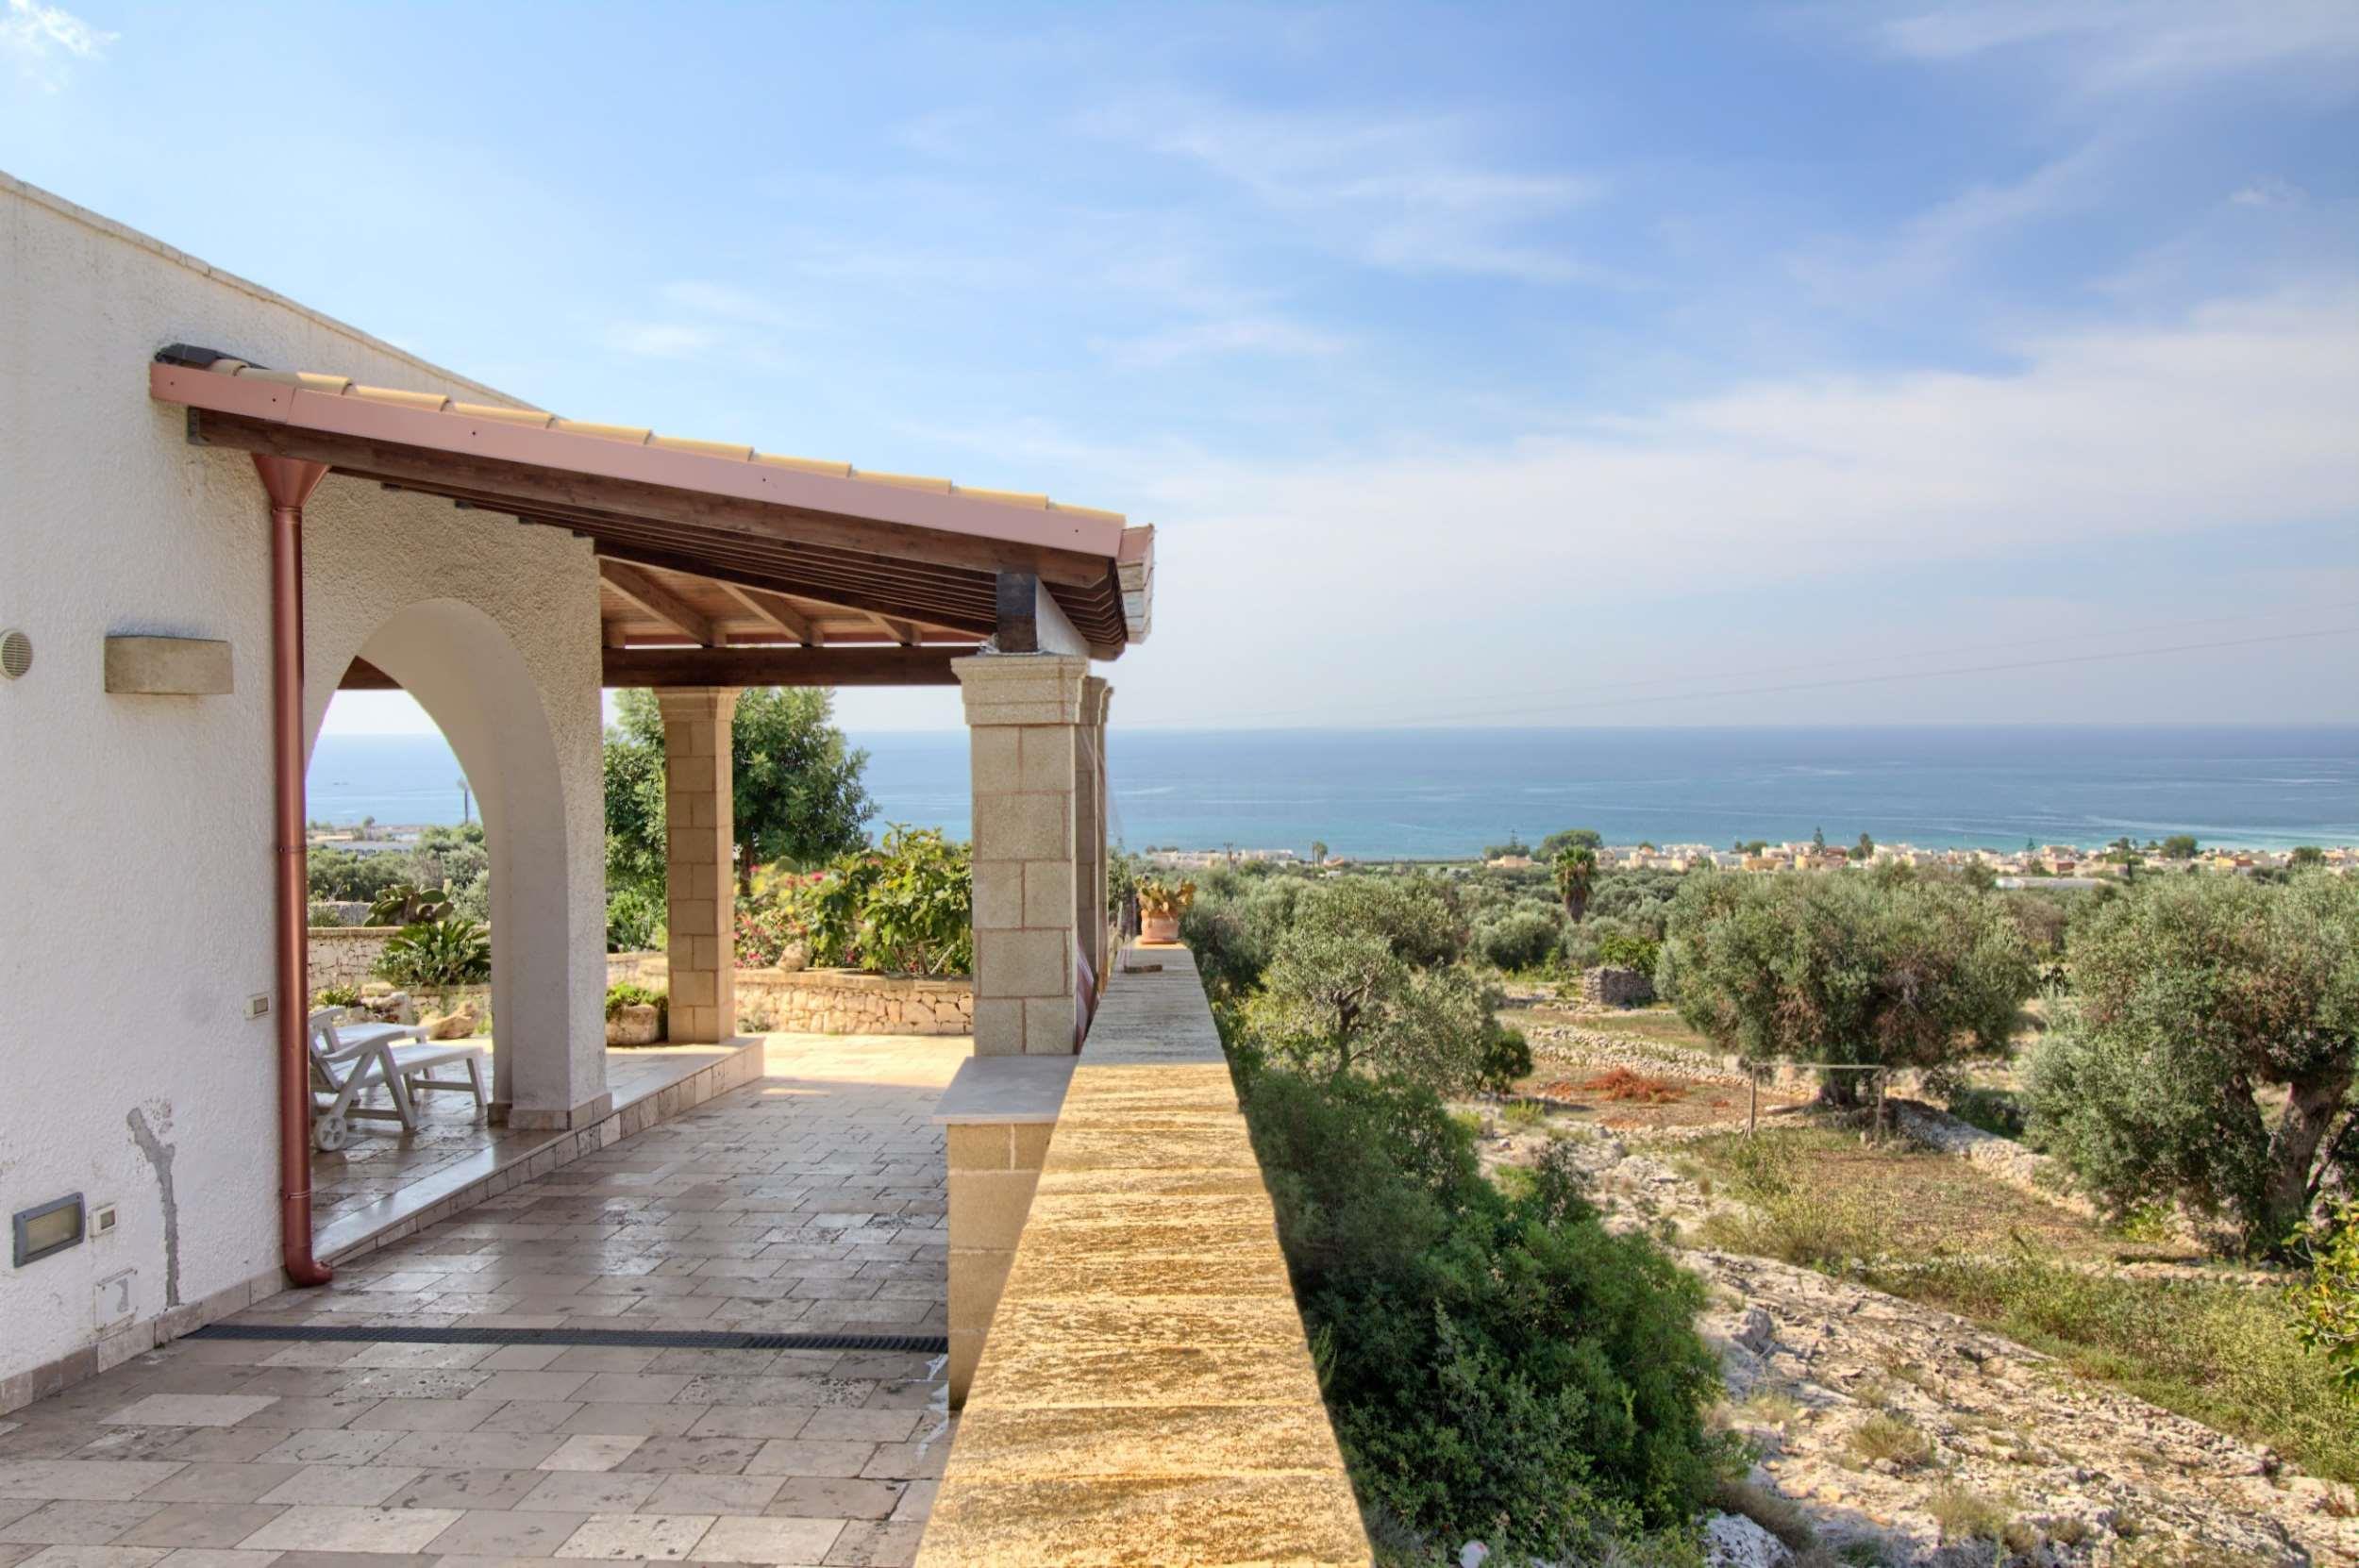 Apartment Grazia lovely seaview Pescoluse photo 22470595